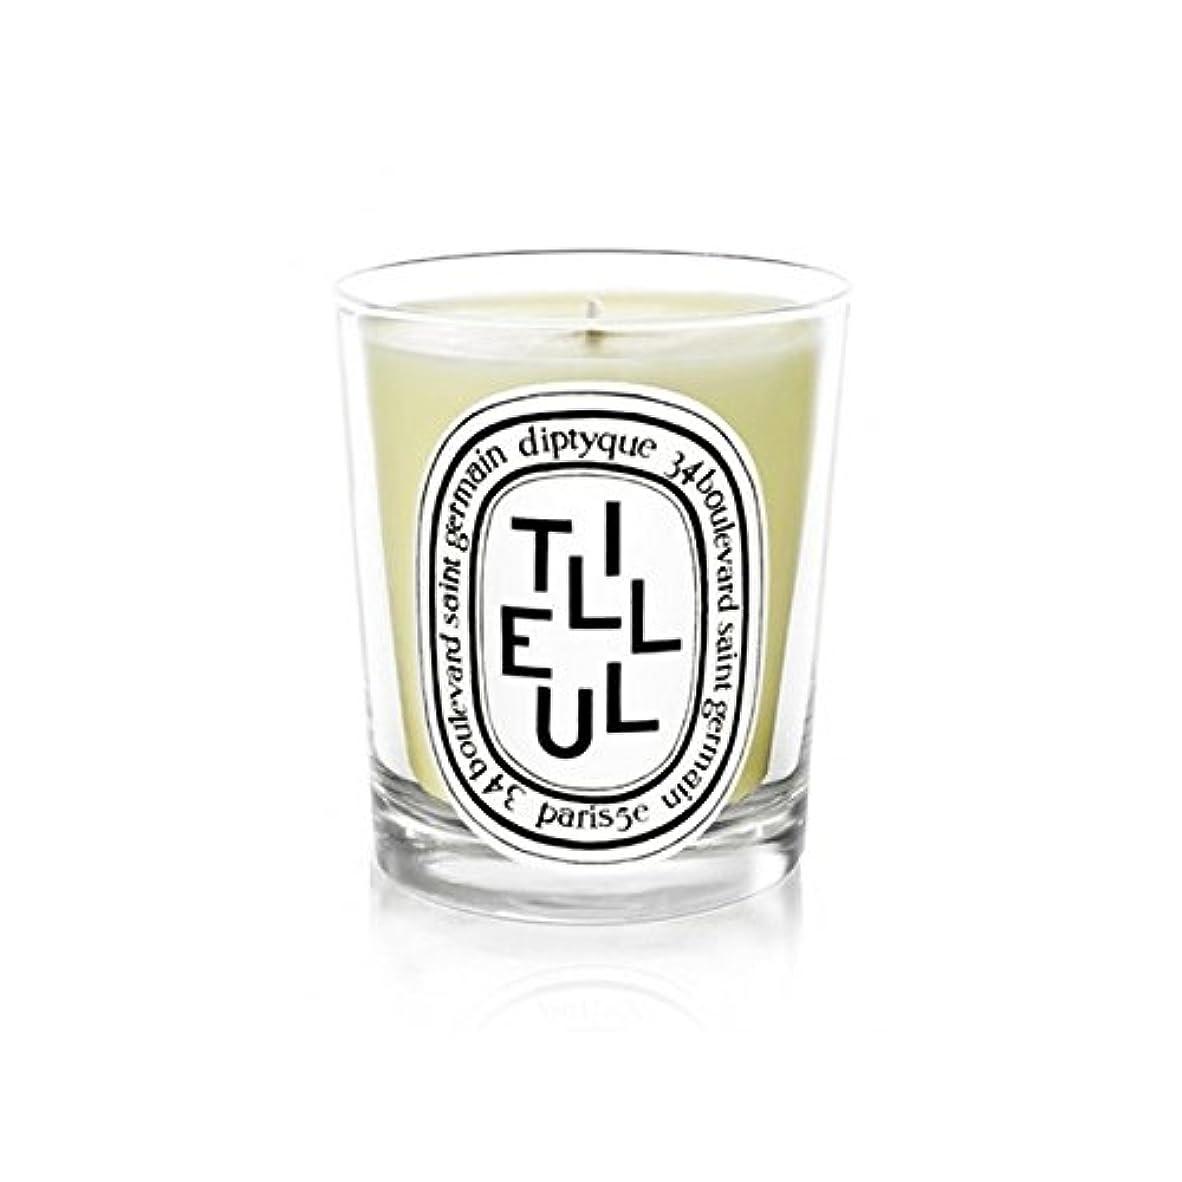 特許セールスマン作り上げるDiptyque Candle Tilleul / Linden Tree 190g (Pack of 6) - DiptyqueキャンドルTilleulの/菩提樹の190グラム (x6) [並行輸入品]